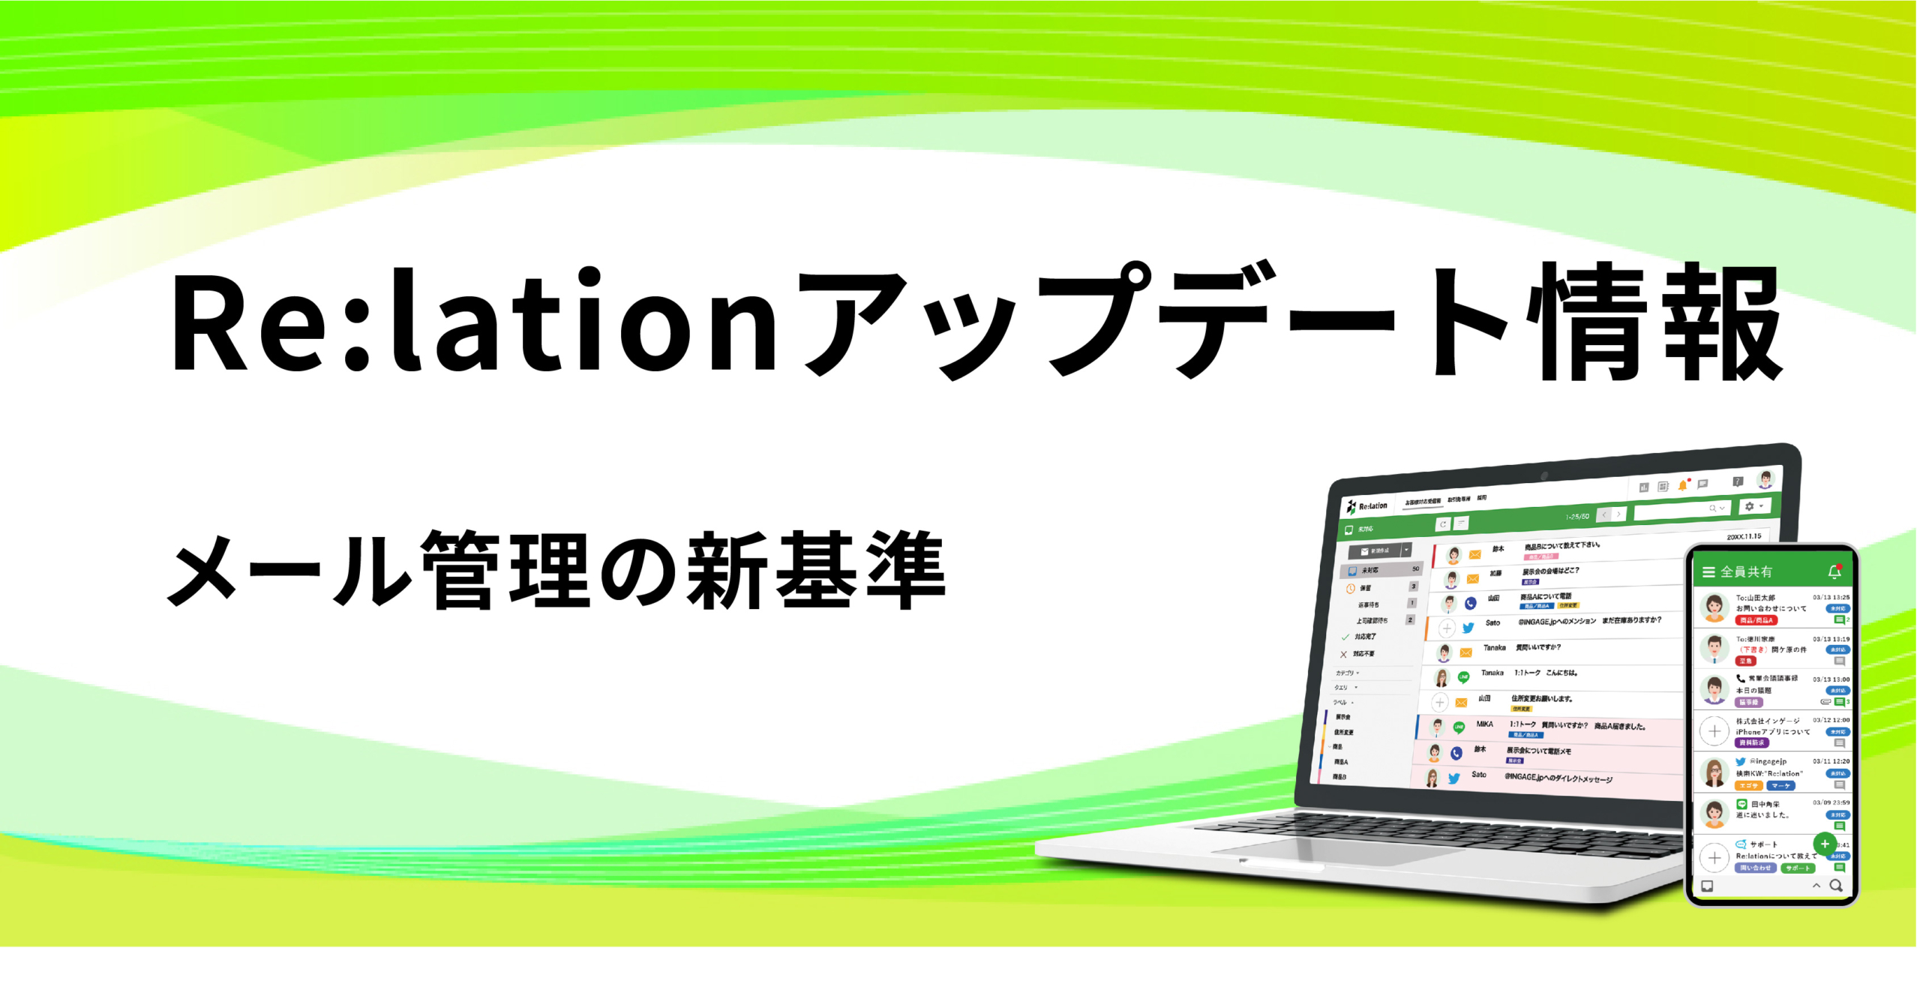 テレワーク時代のメール管理「Re:lation(リレーション)」11.5アップデート